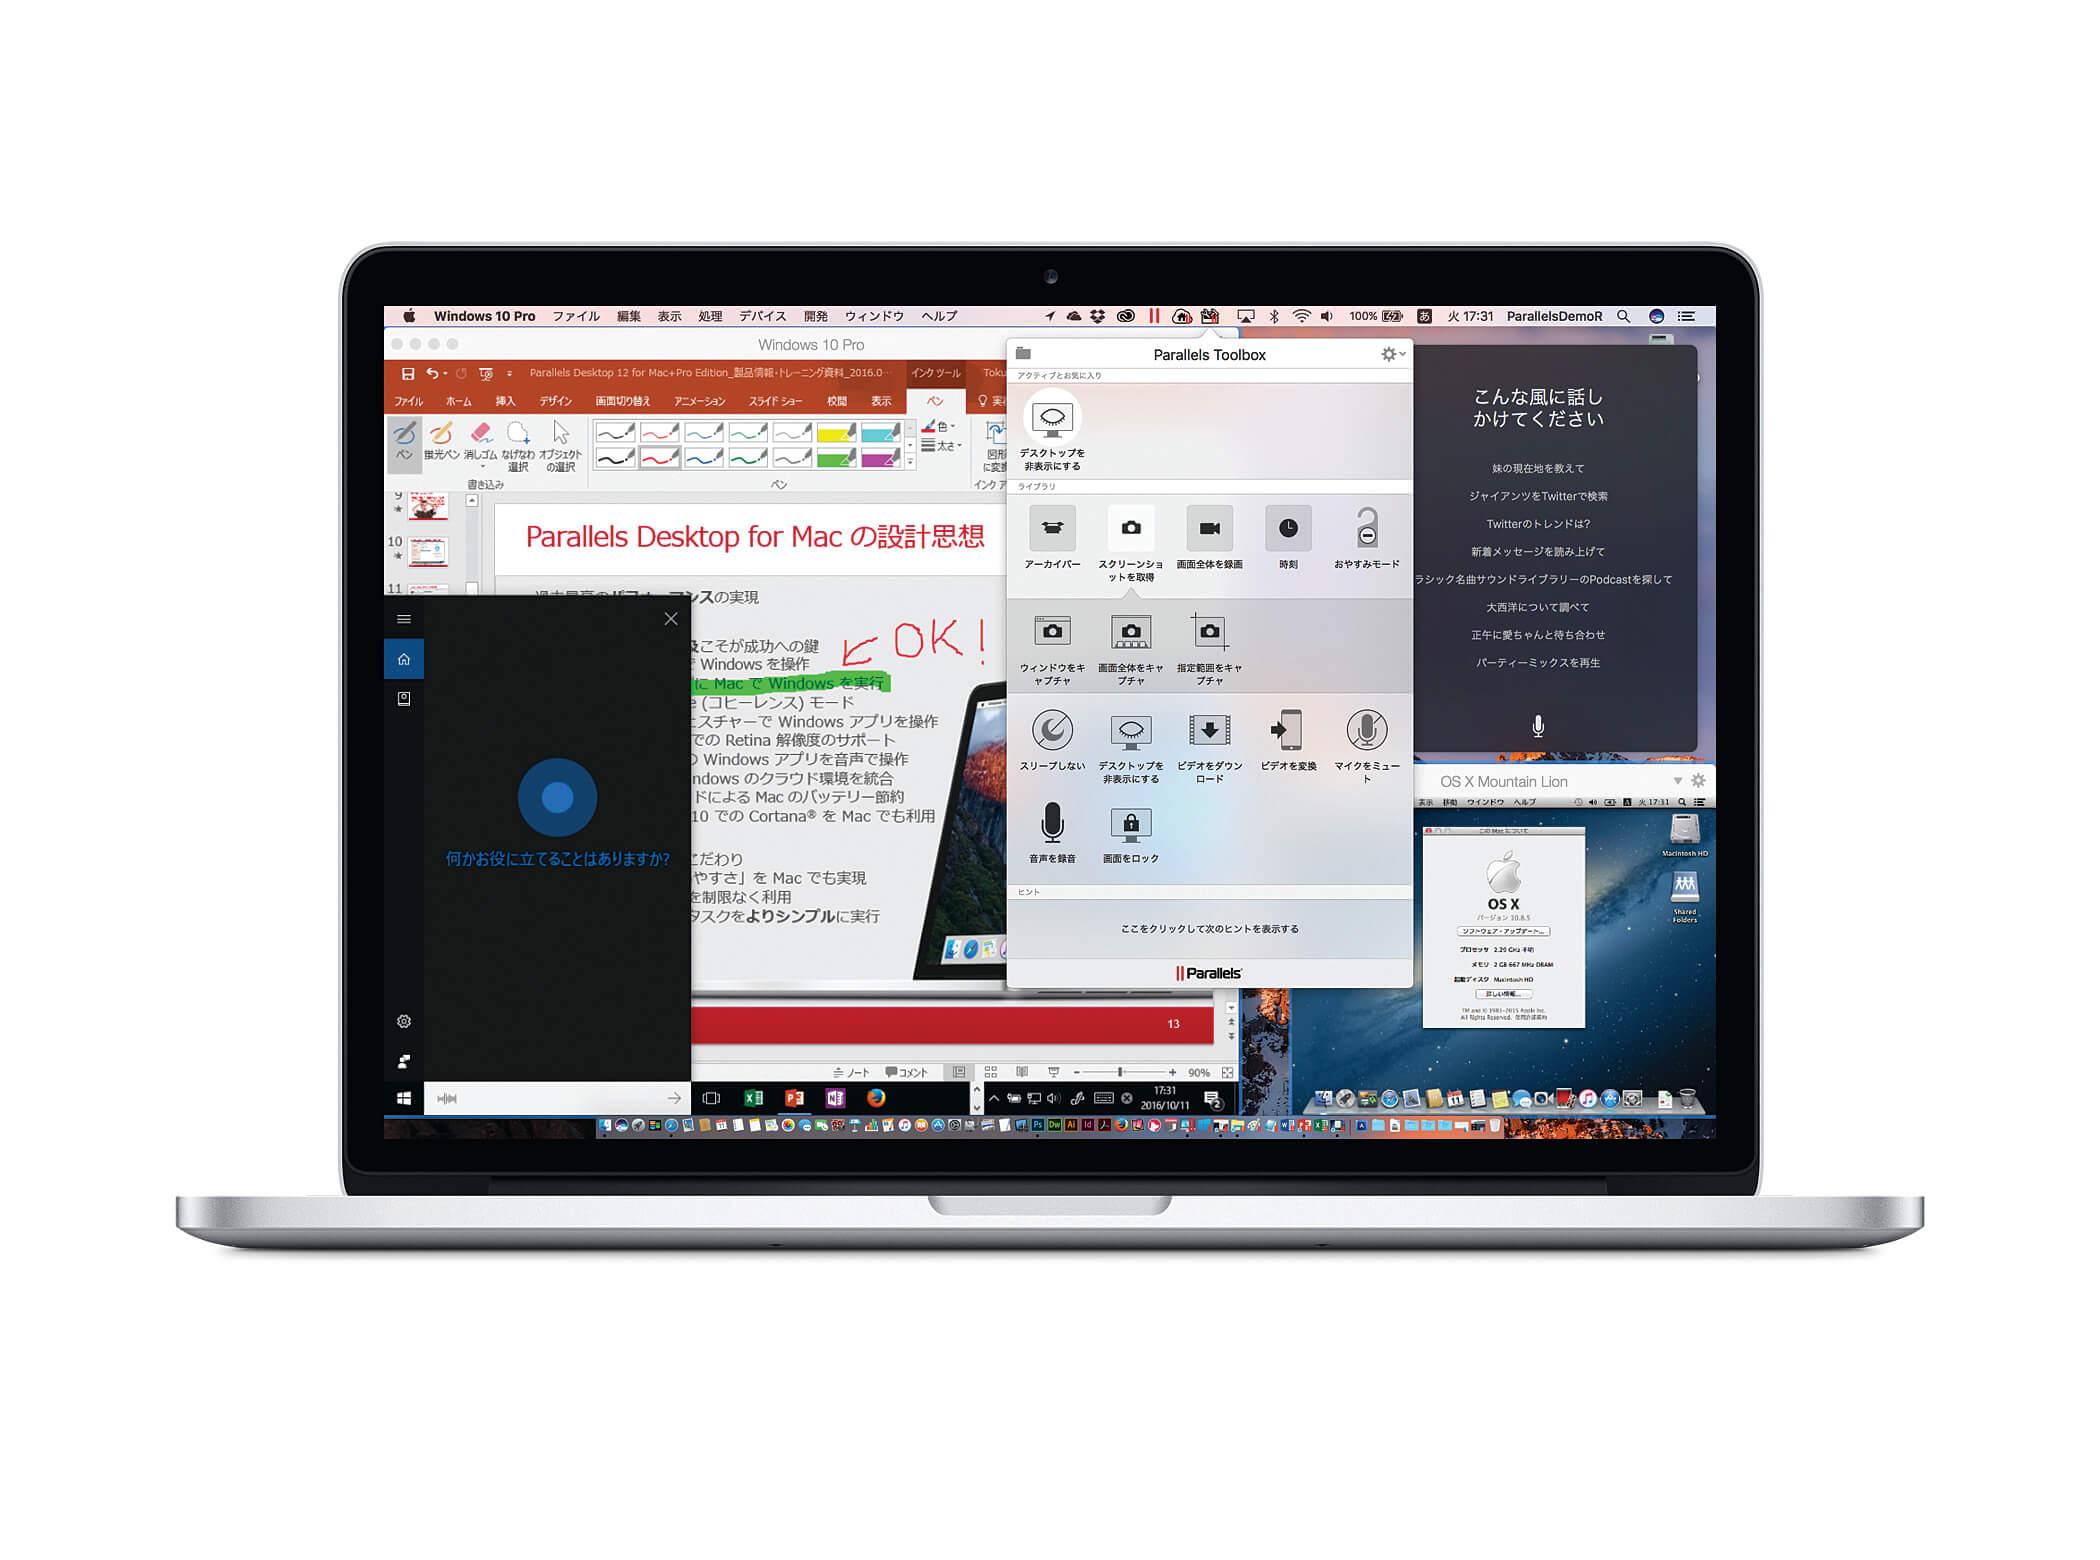 まだご存知でないかも知れない Parallels Desktop 12 for Mac についての 12 のコト